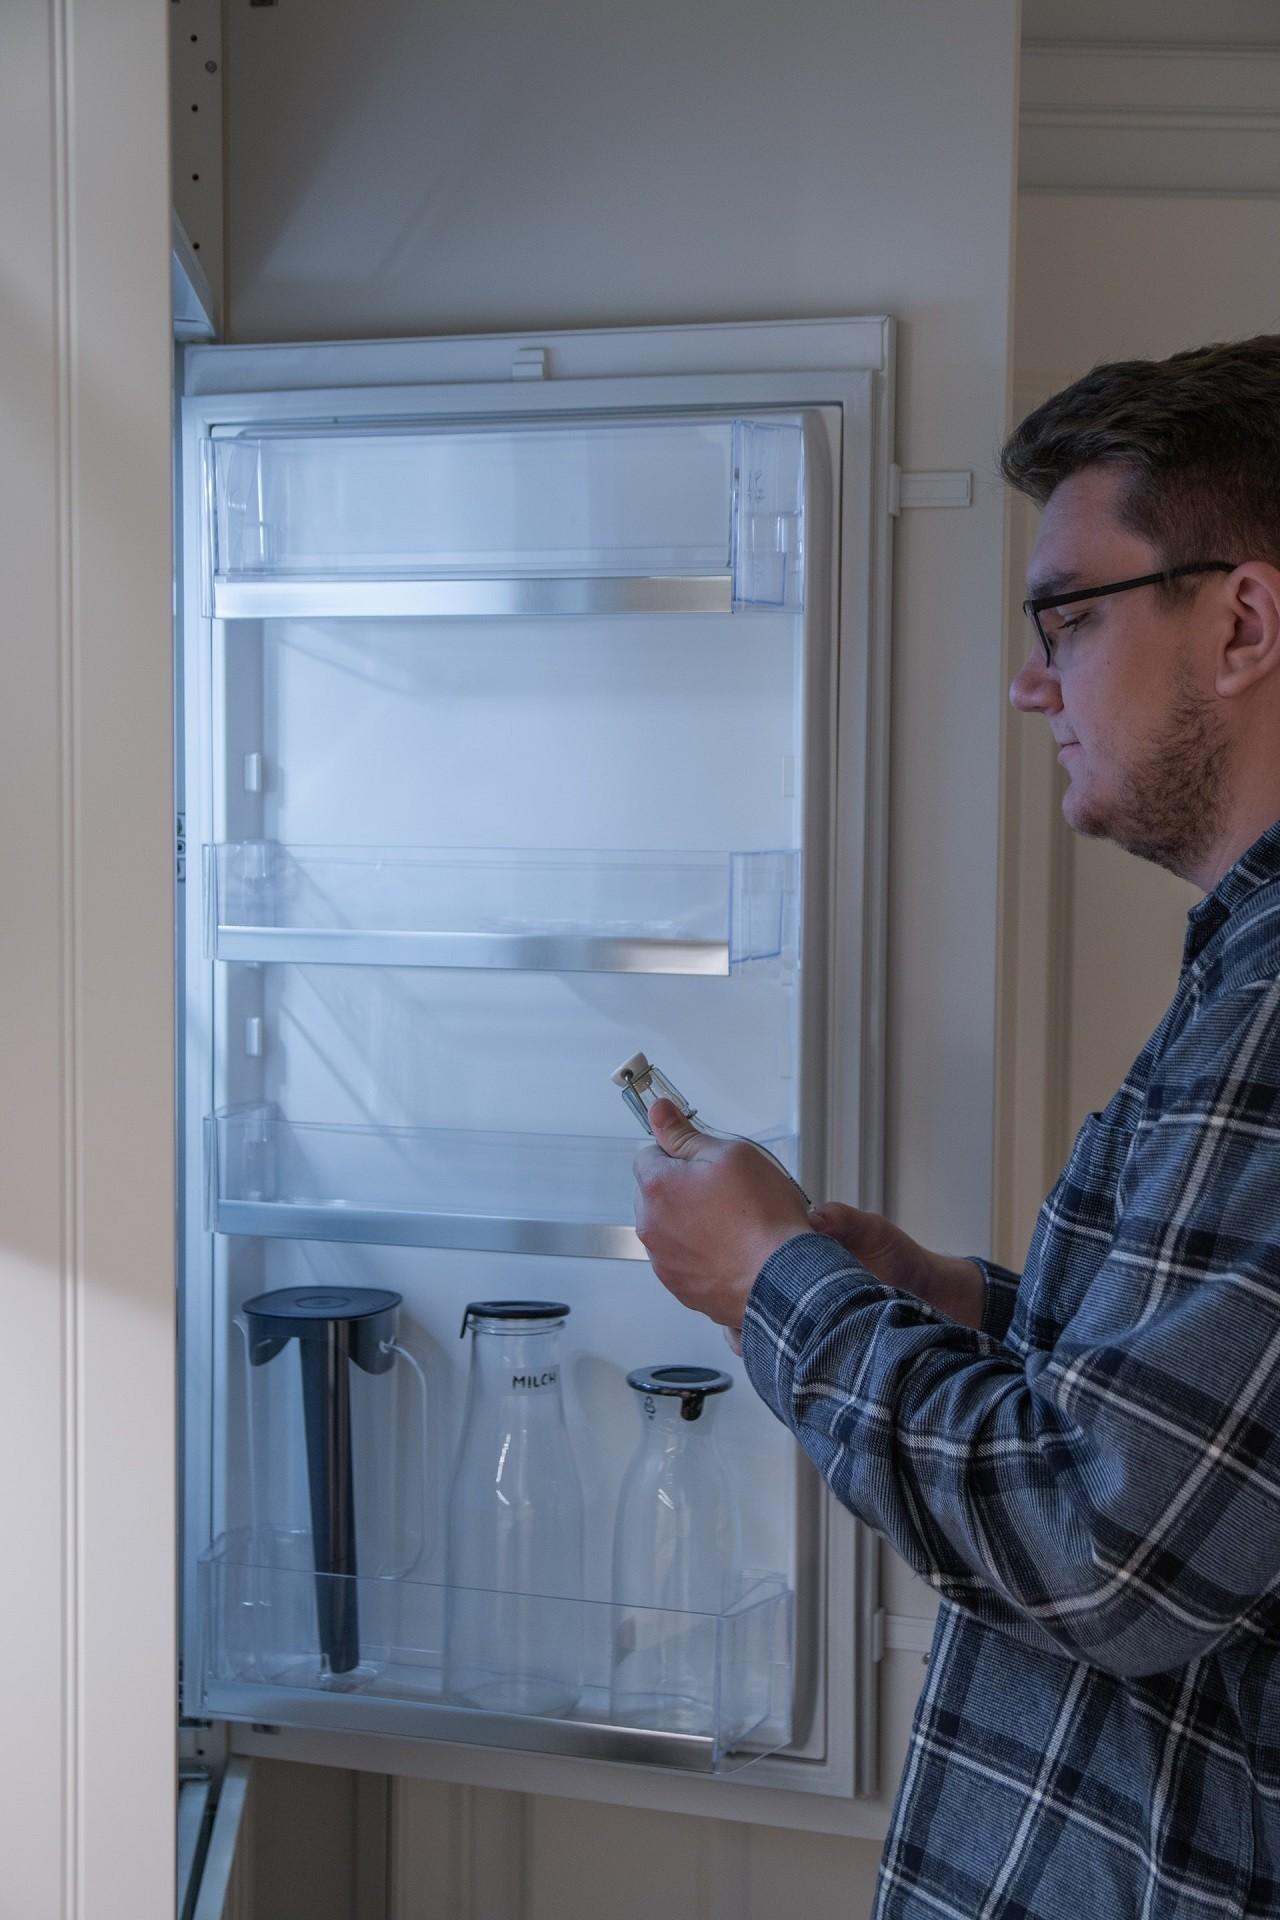 Achte bei dem Kauf eines Beko Kühlschrankes auf die richtige Größe.